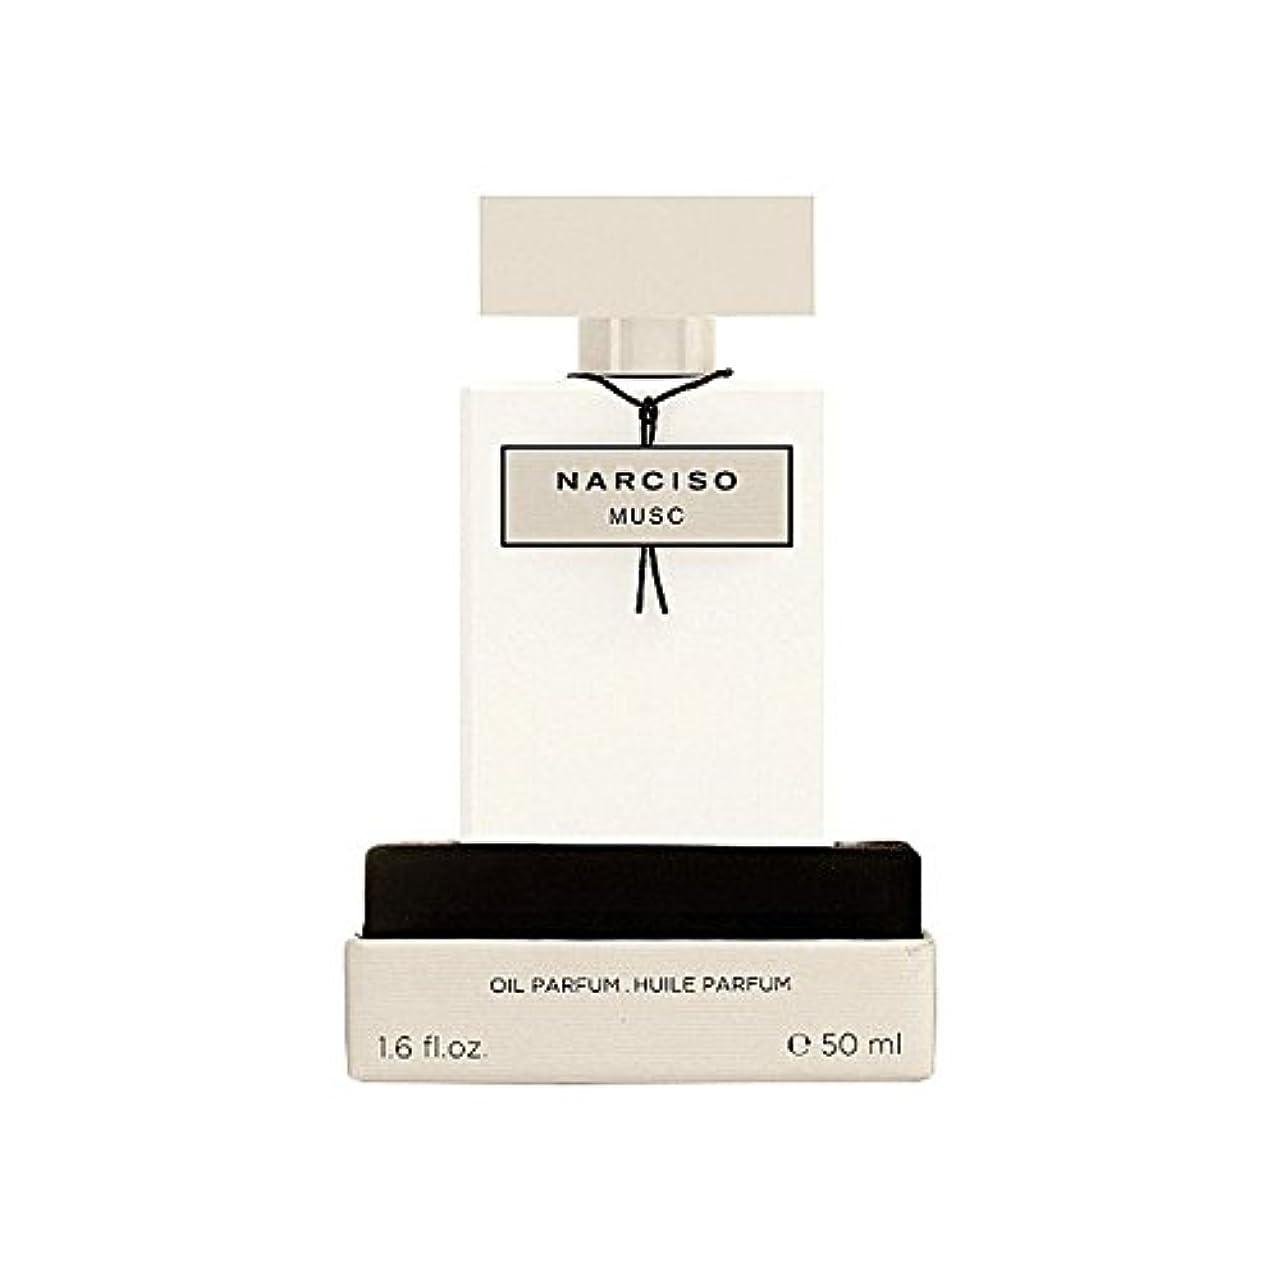 持参絶滅させる本物のナルシソ?ロドリゲスナルシソオイル50ミリリットル x4 - Narciso Rodriguez Narciso Musc Oil 50ml (Pack of 4) [並行輸入品]